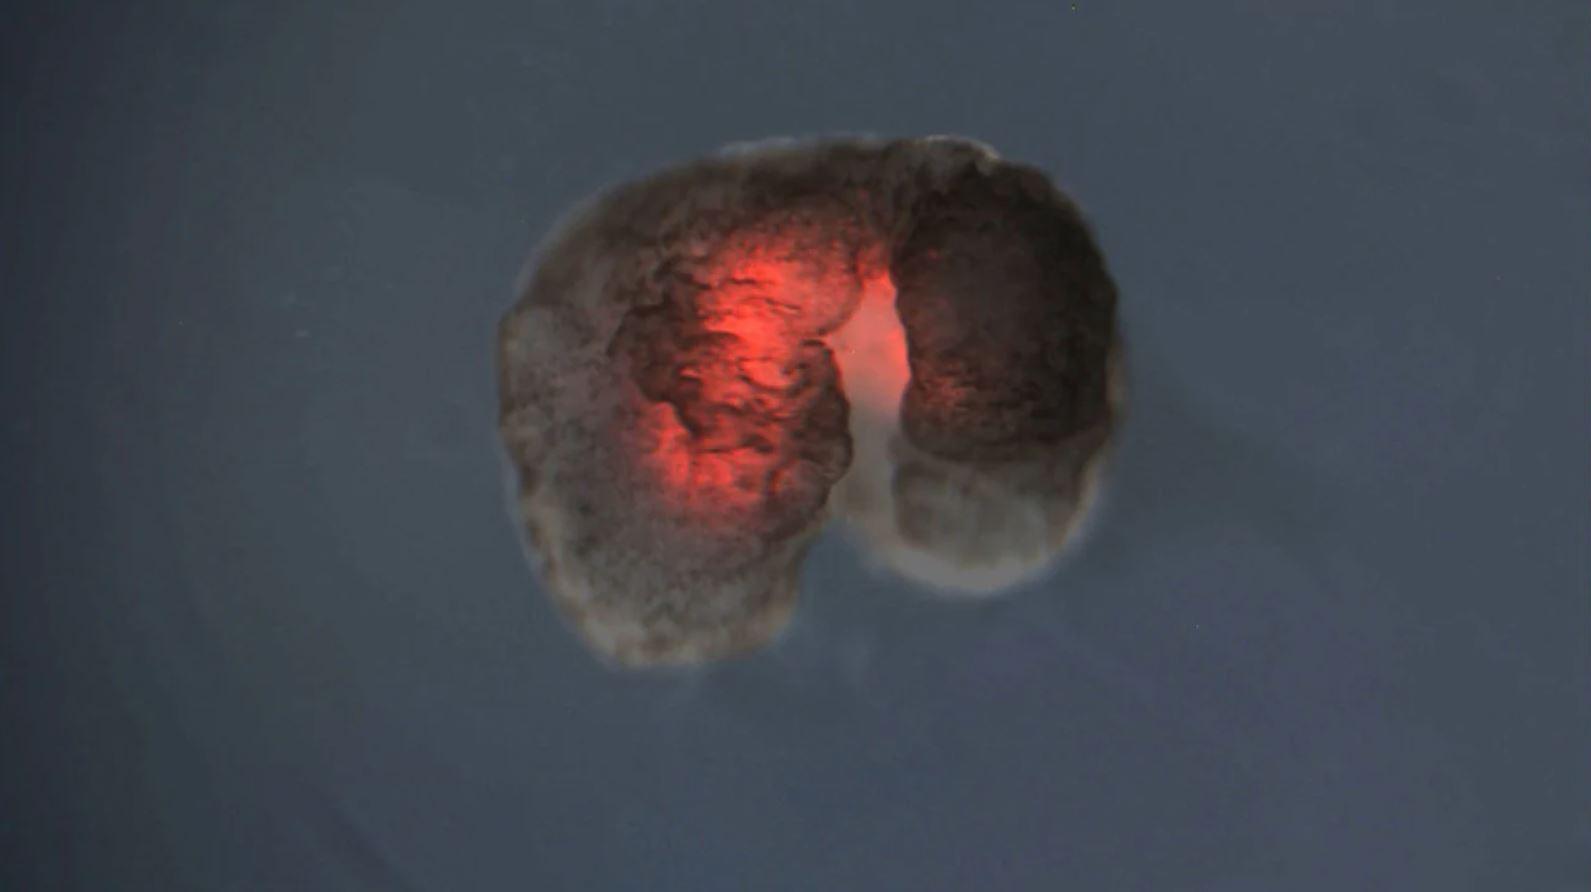 Científicos construyen célula artificial que crece y se auto replica como una natural